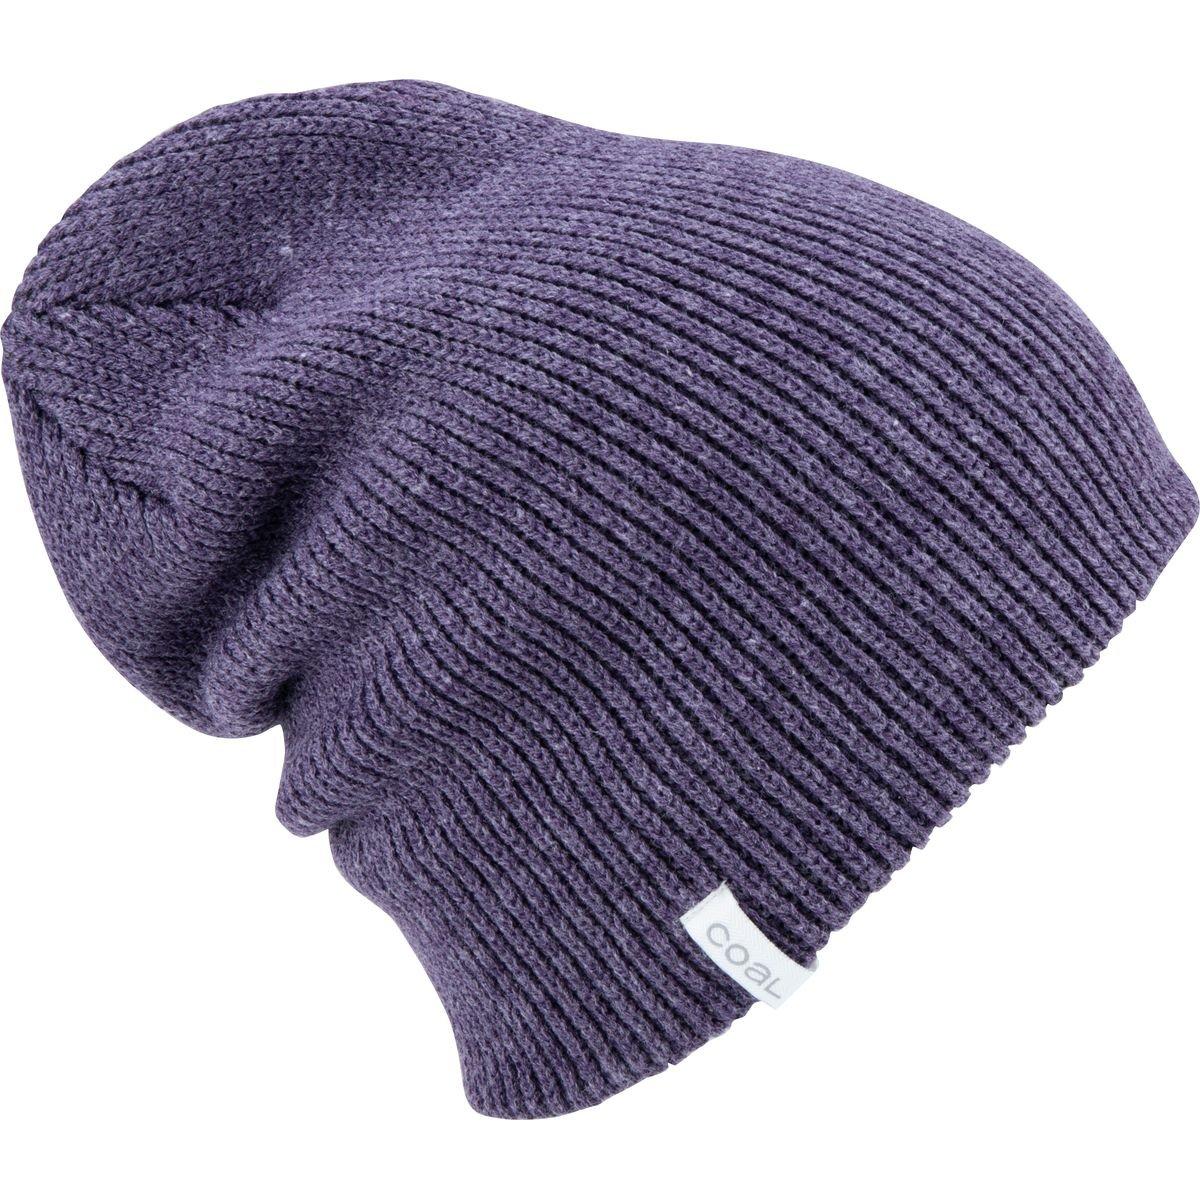 eca99bd51d4 Amazon.com  Coal Men s The Frena Fine Knit Beanie